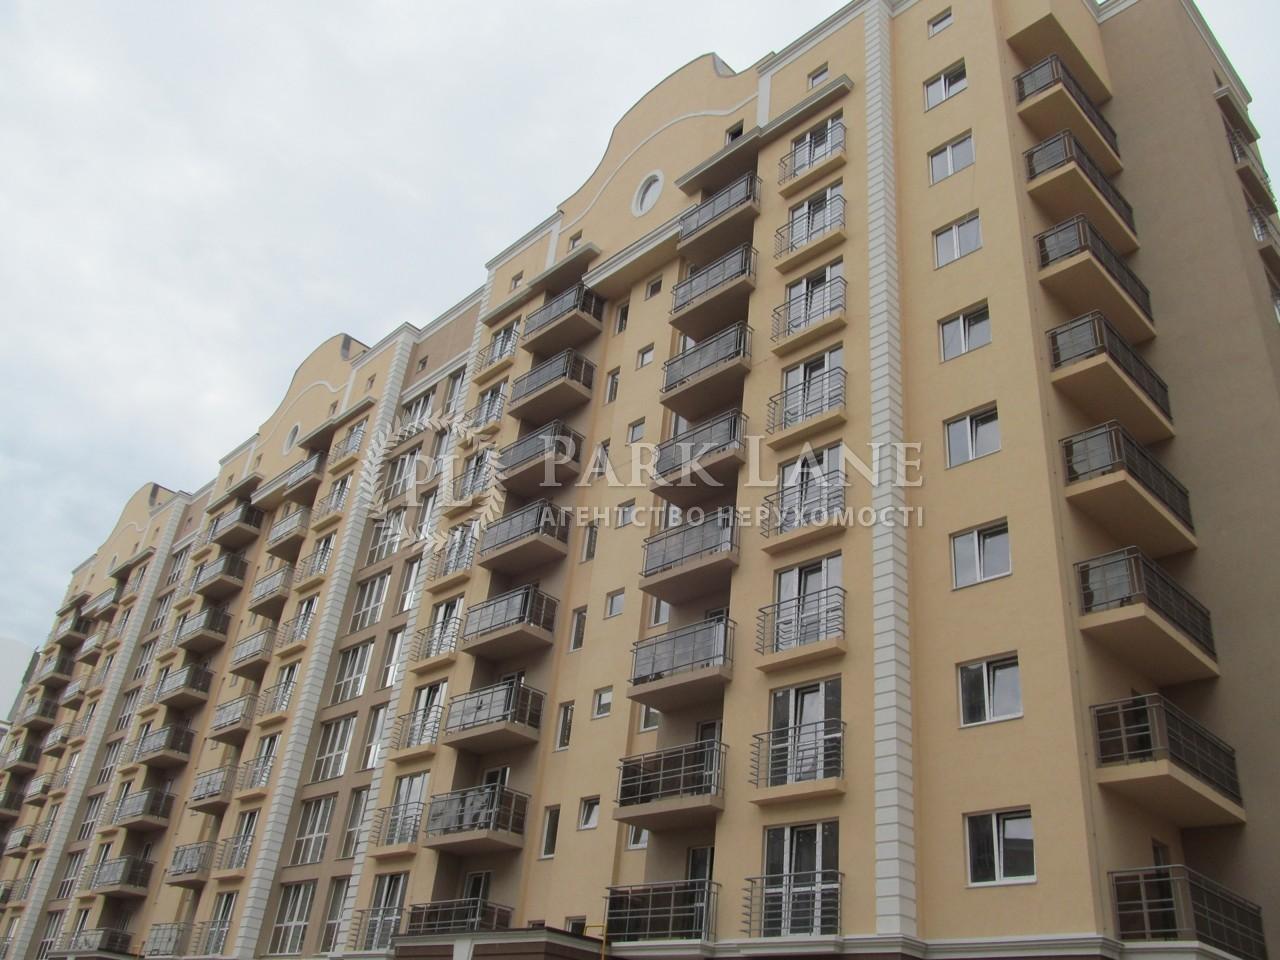 Квартира ул. Метрологическая, 9д, Киев, K-27374 - Фото 3